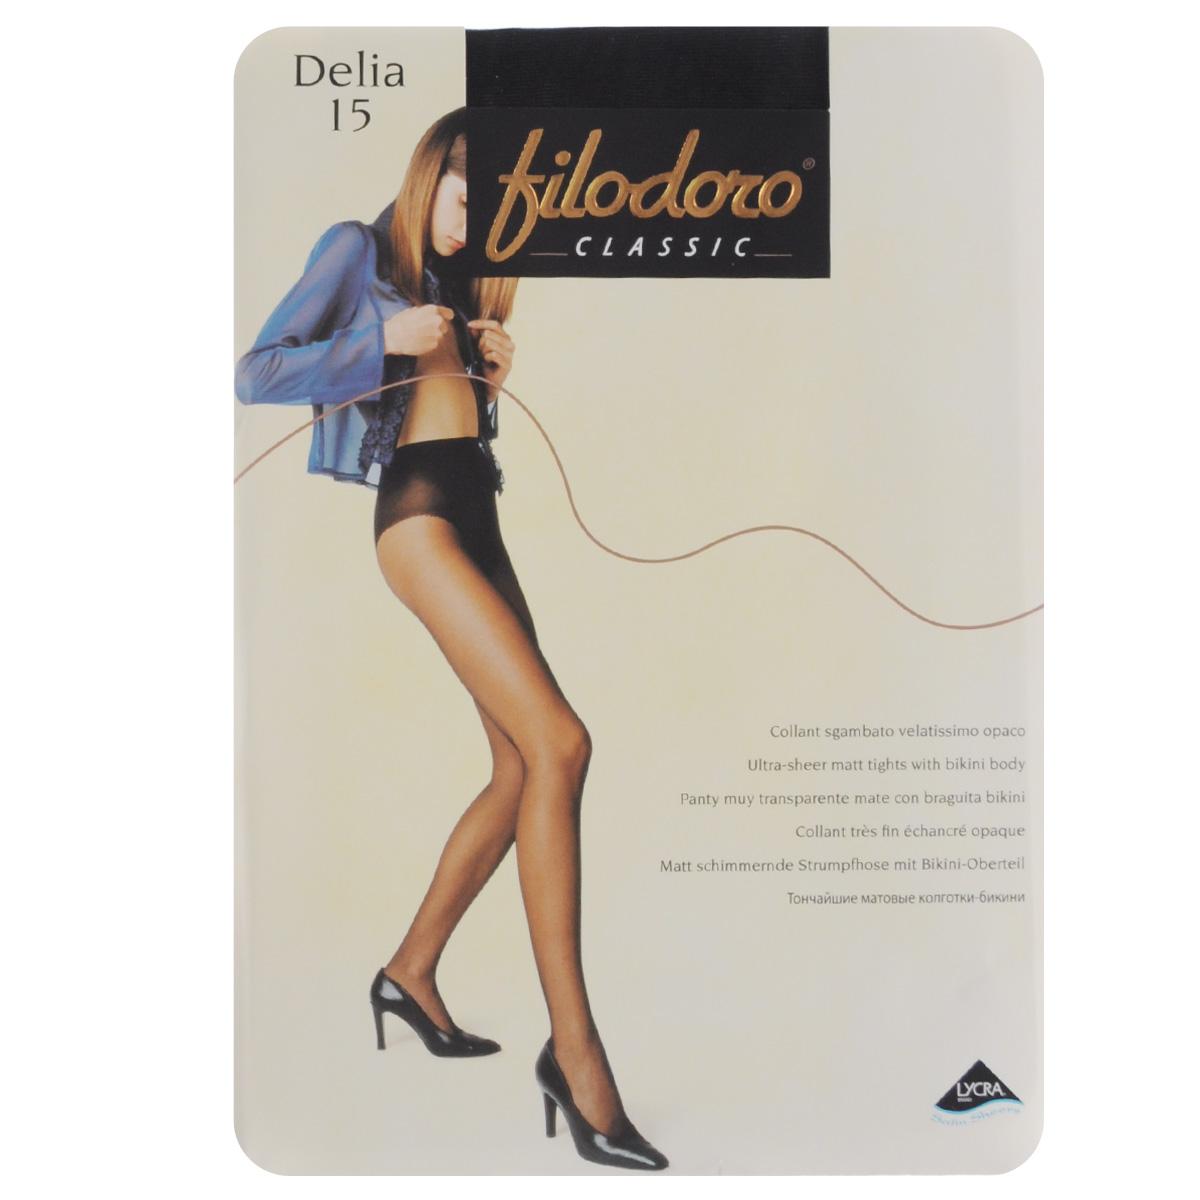 Колготки женские Delia 15. C109143FCC109143FCТонкие матовые эластичные колготки Filodoro Classic Delia с высокими ажурными трусиками, гигиеничной ластовицей, комфортным швом и невидимым мыском. Плотность: 15 den.